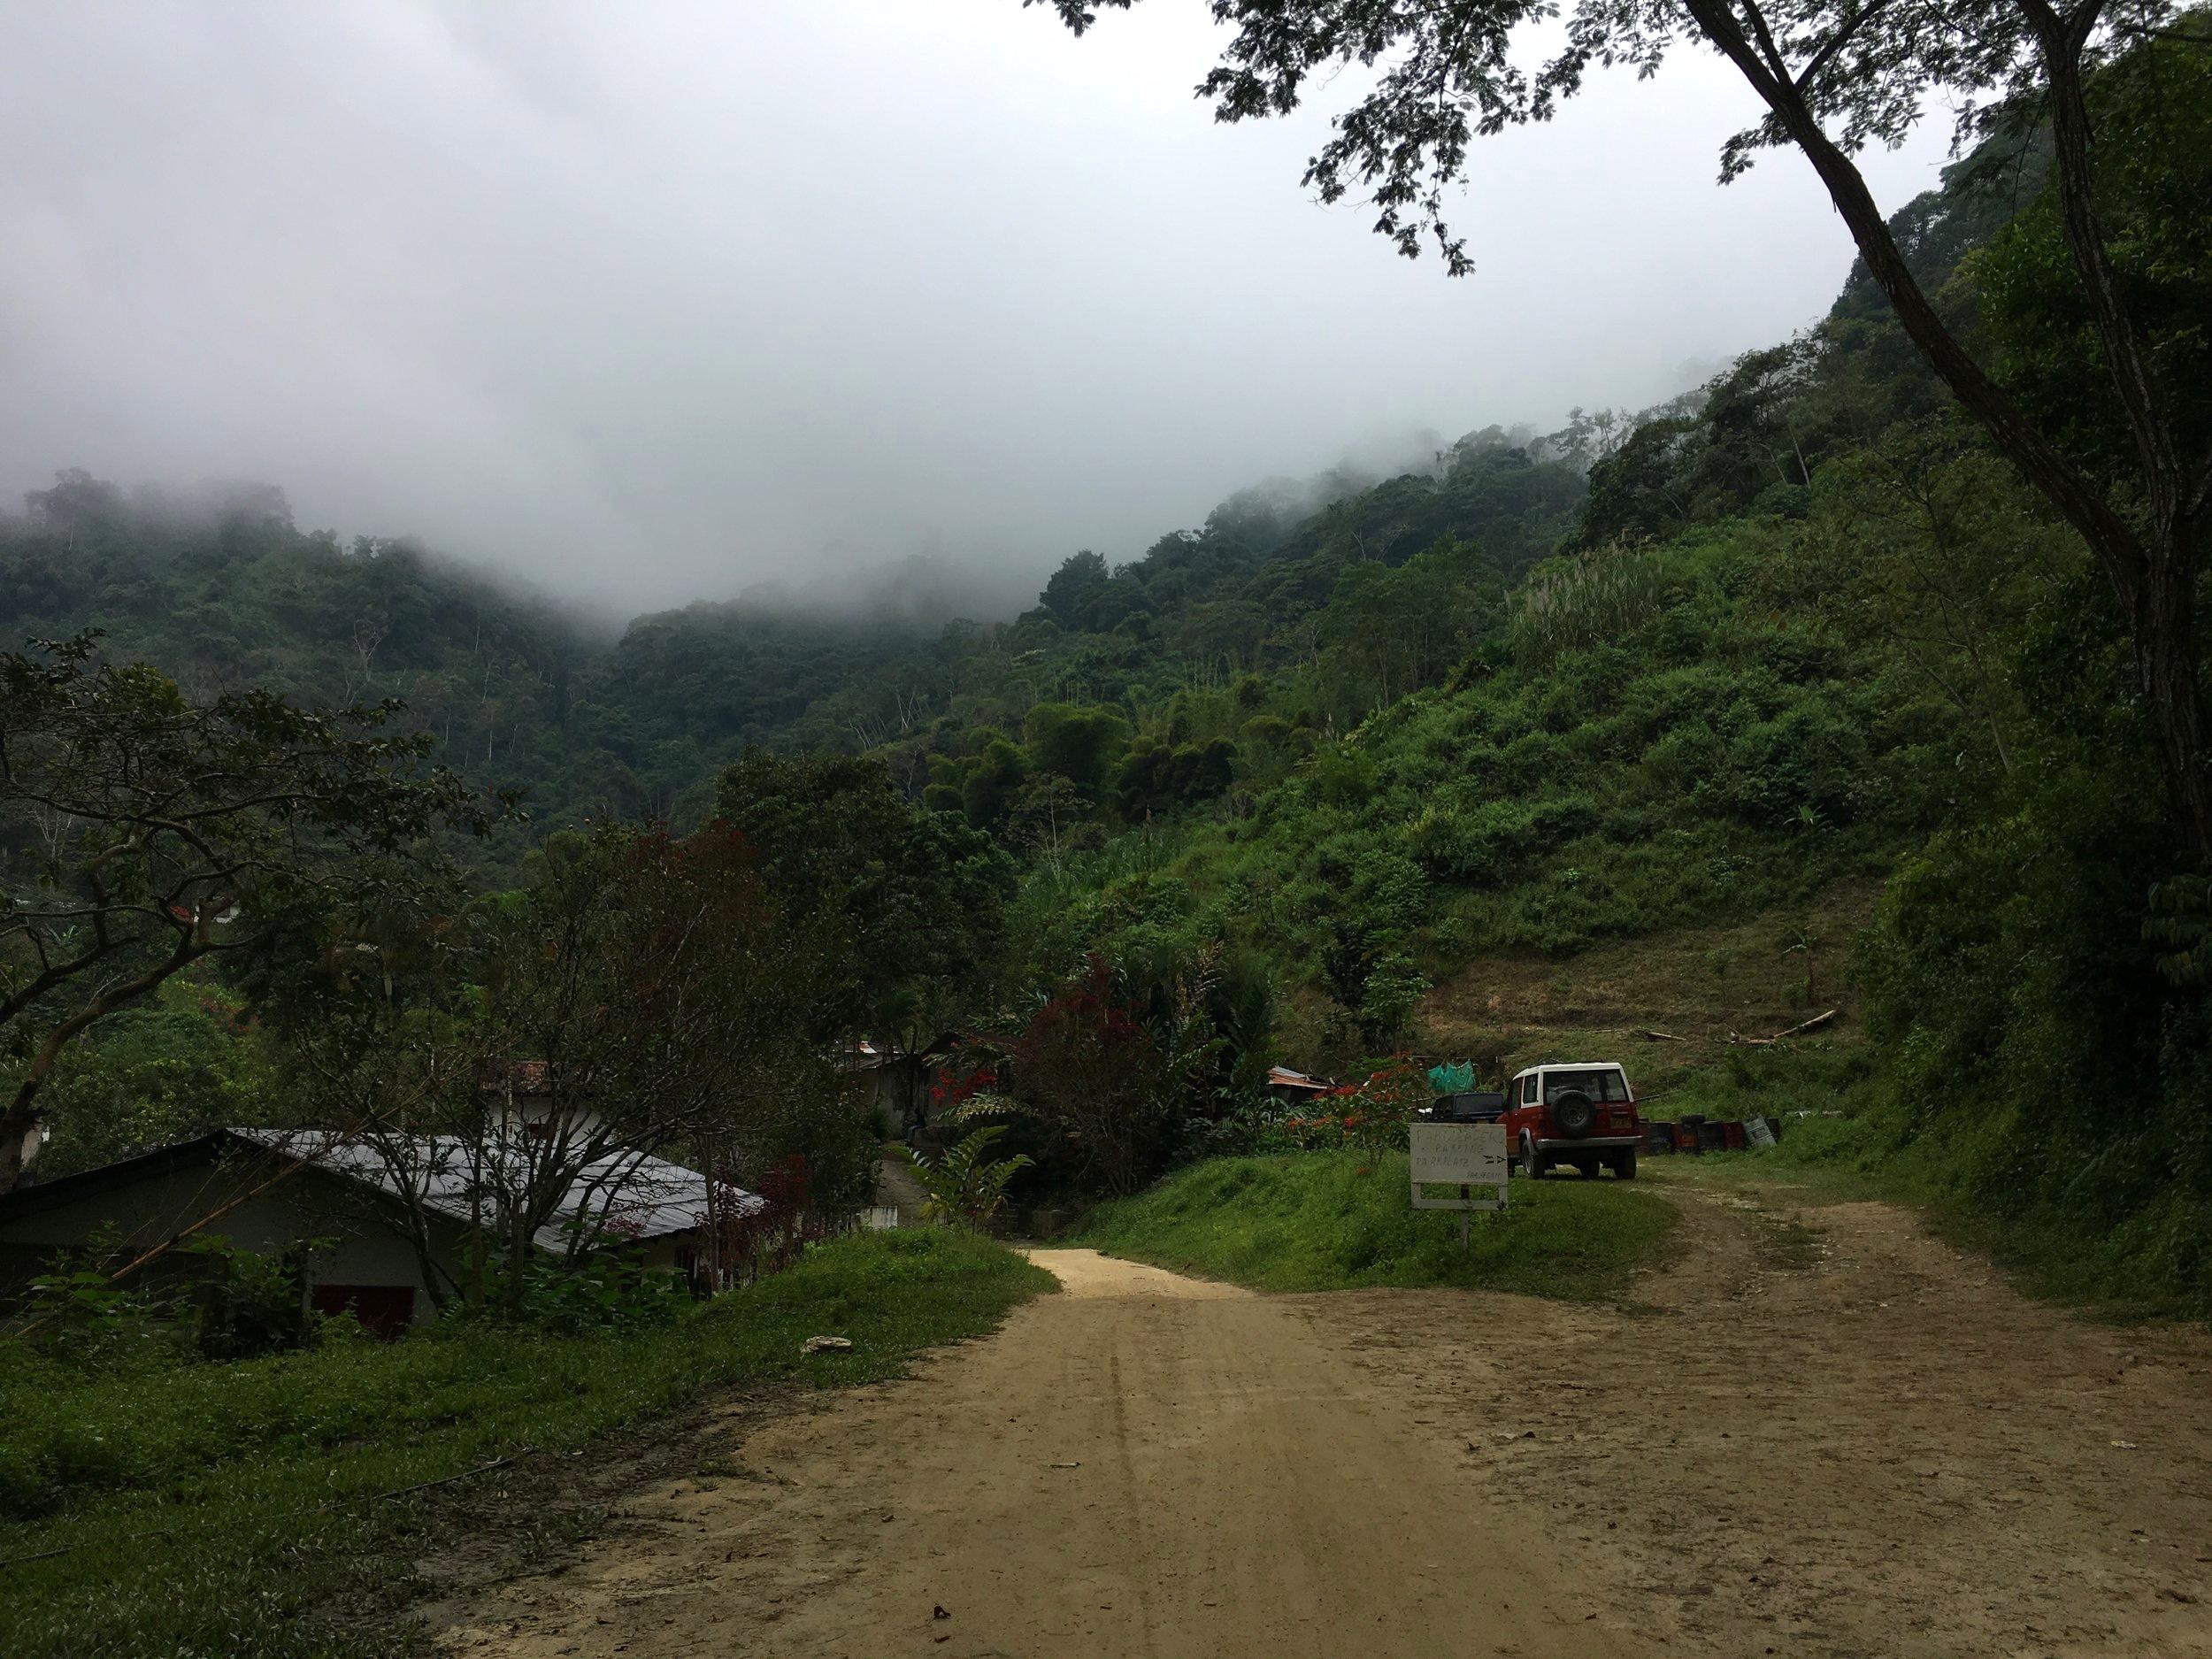 The road leading to Finca La Victoria